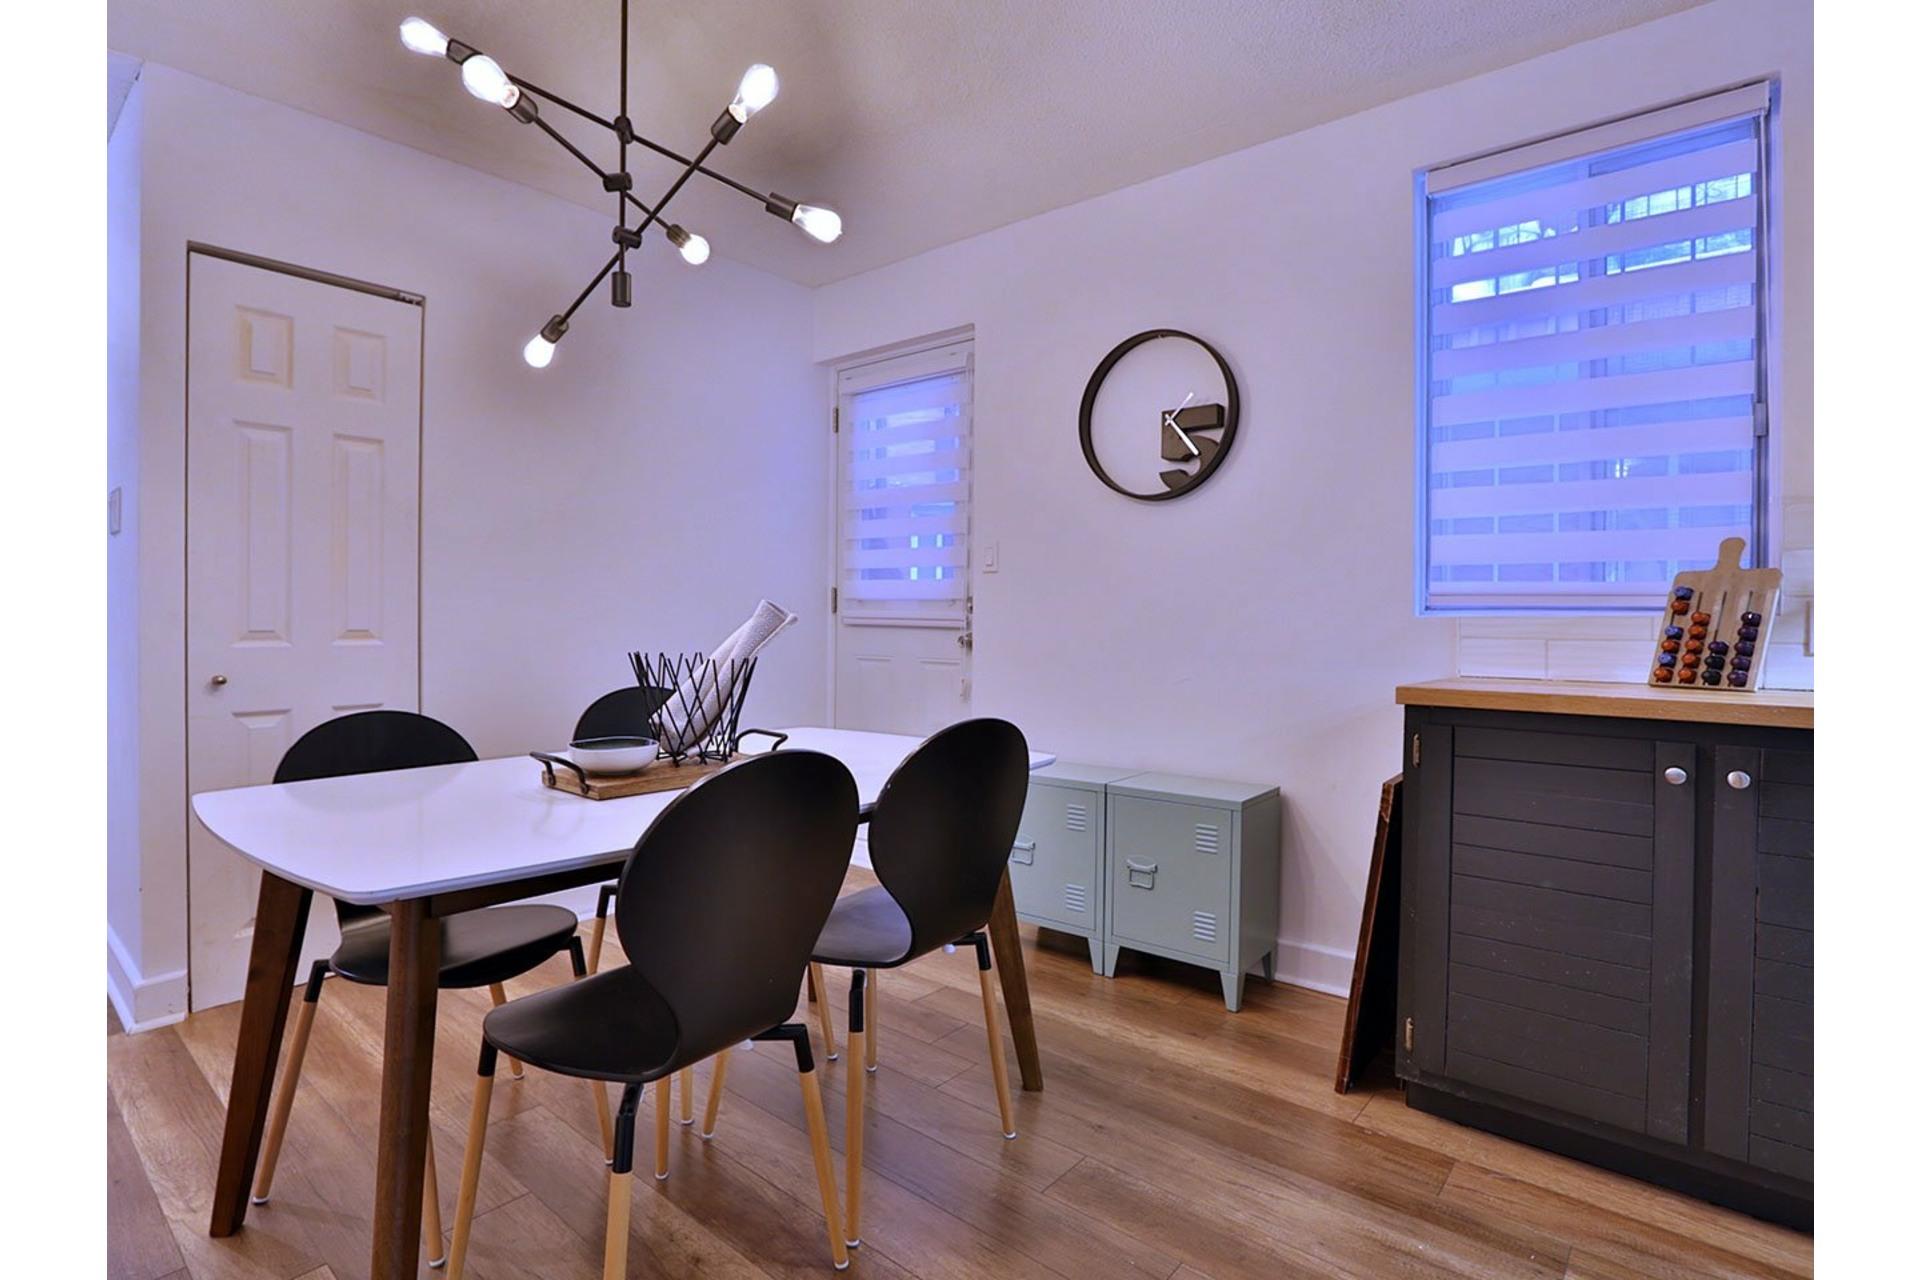 image 15 - Appartement À vendre Le Plateau-Mont-Royal Montréal  - 7 pièces